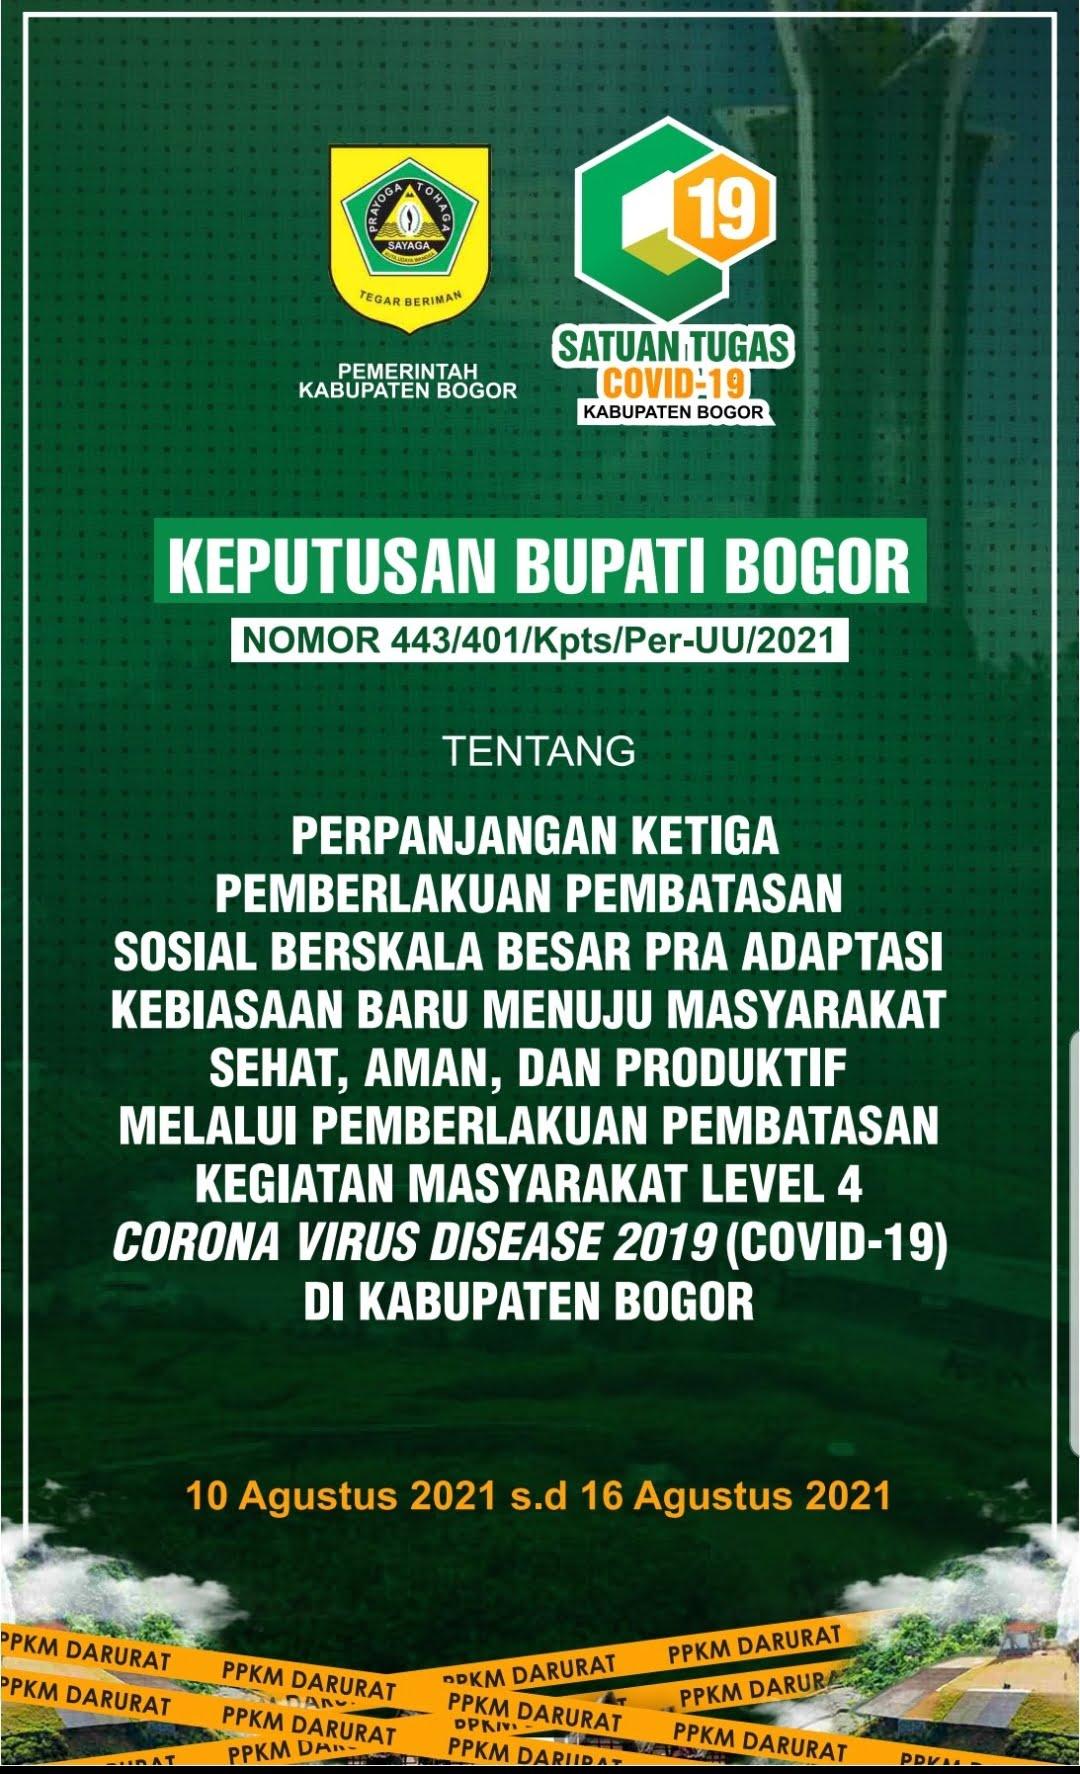 Pelonggaran Aturan Pada Perpanjangan Ketiga PPKM Level 4 Di Kabupaten Bogor